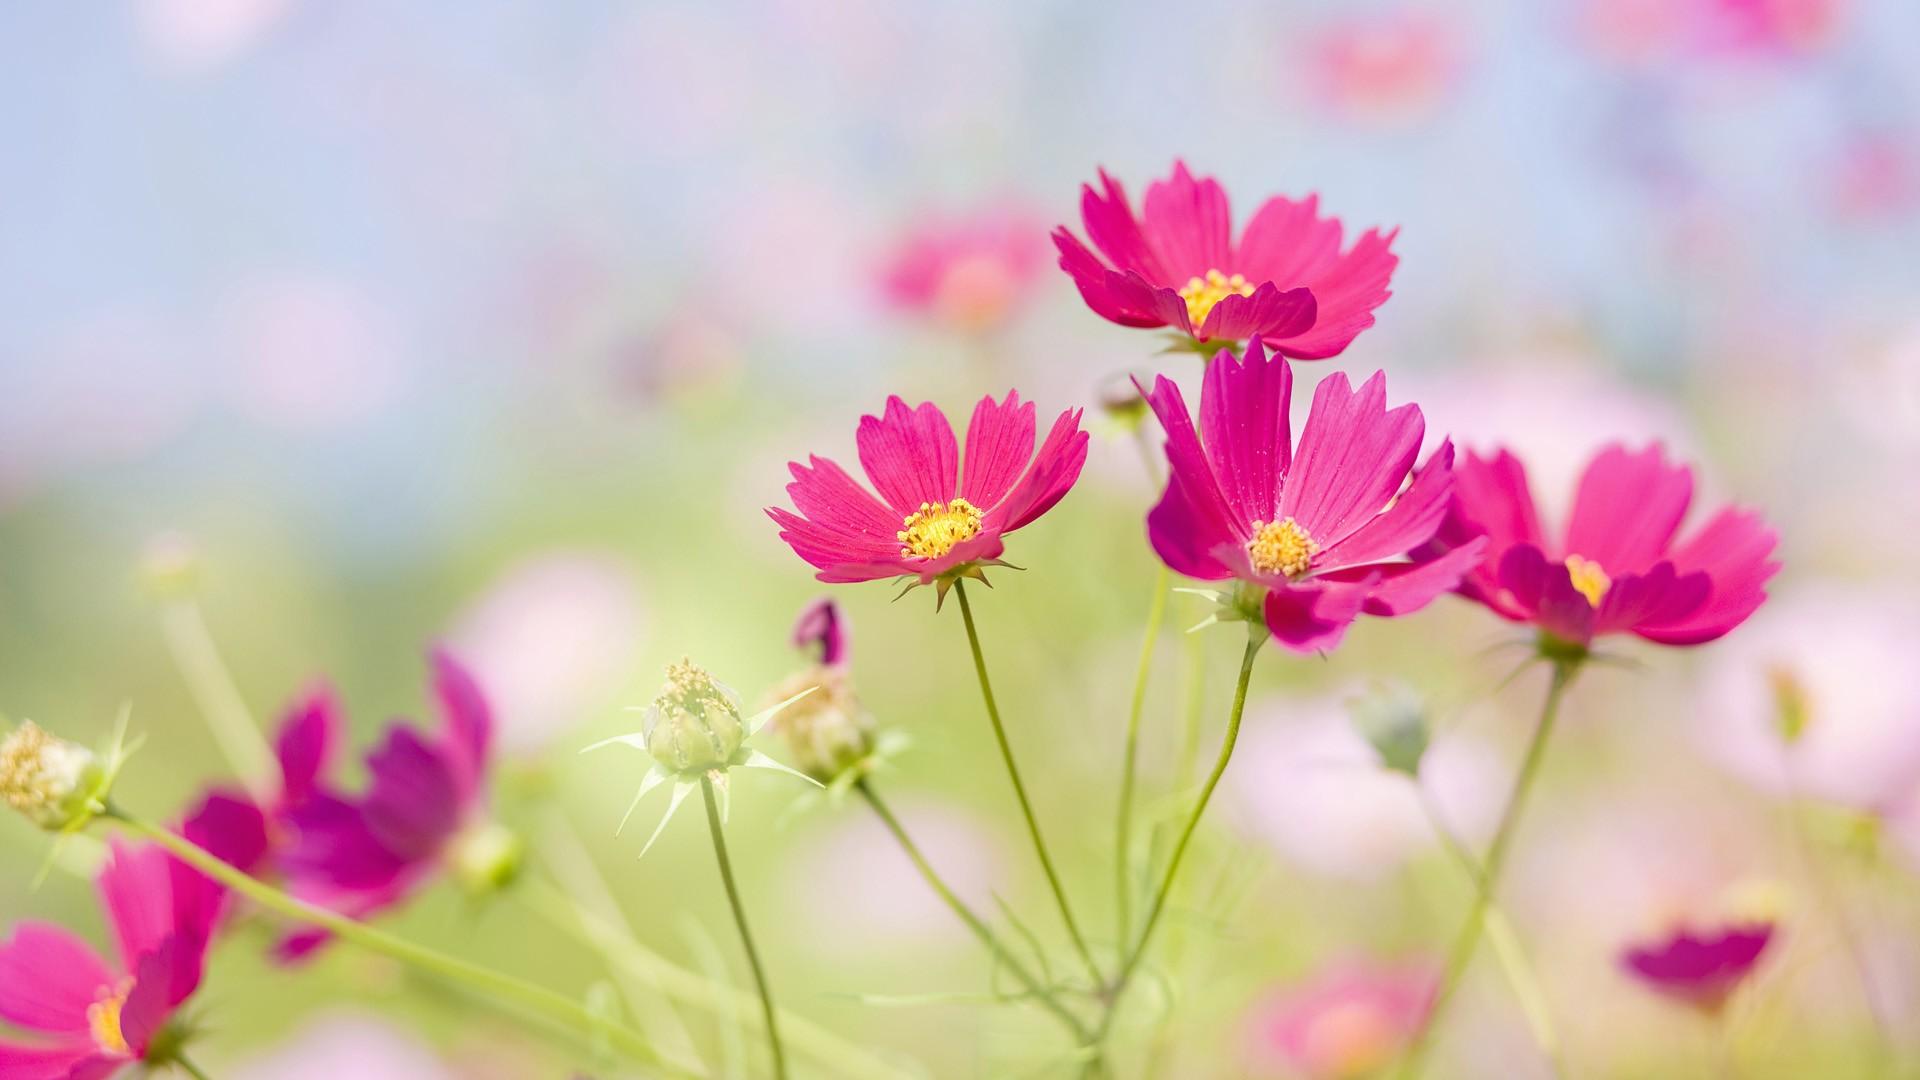 Flores color fucsia - 1920x1080